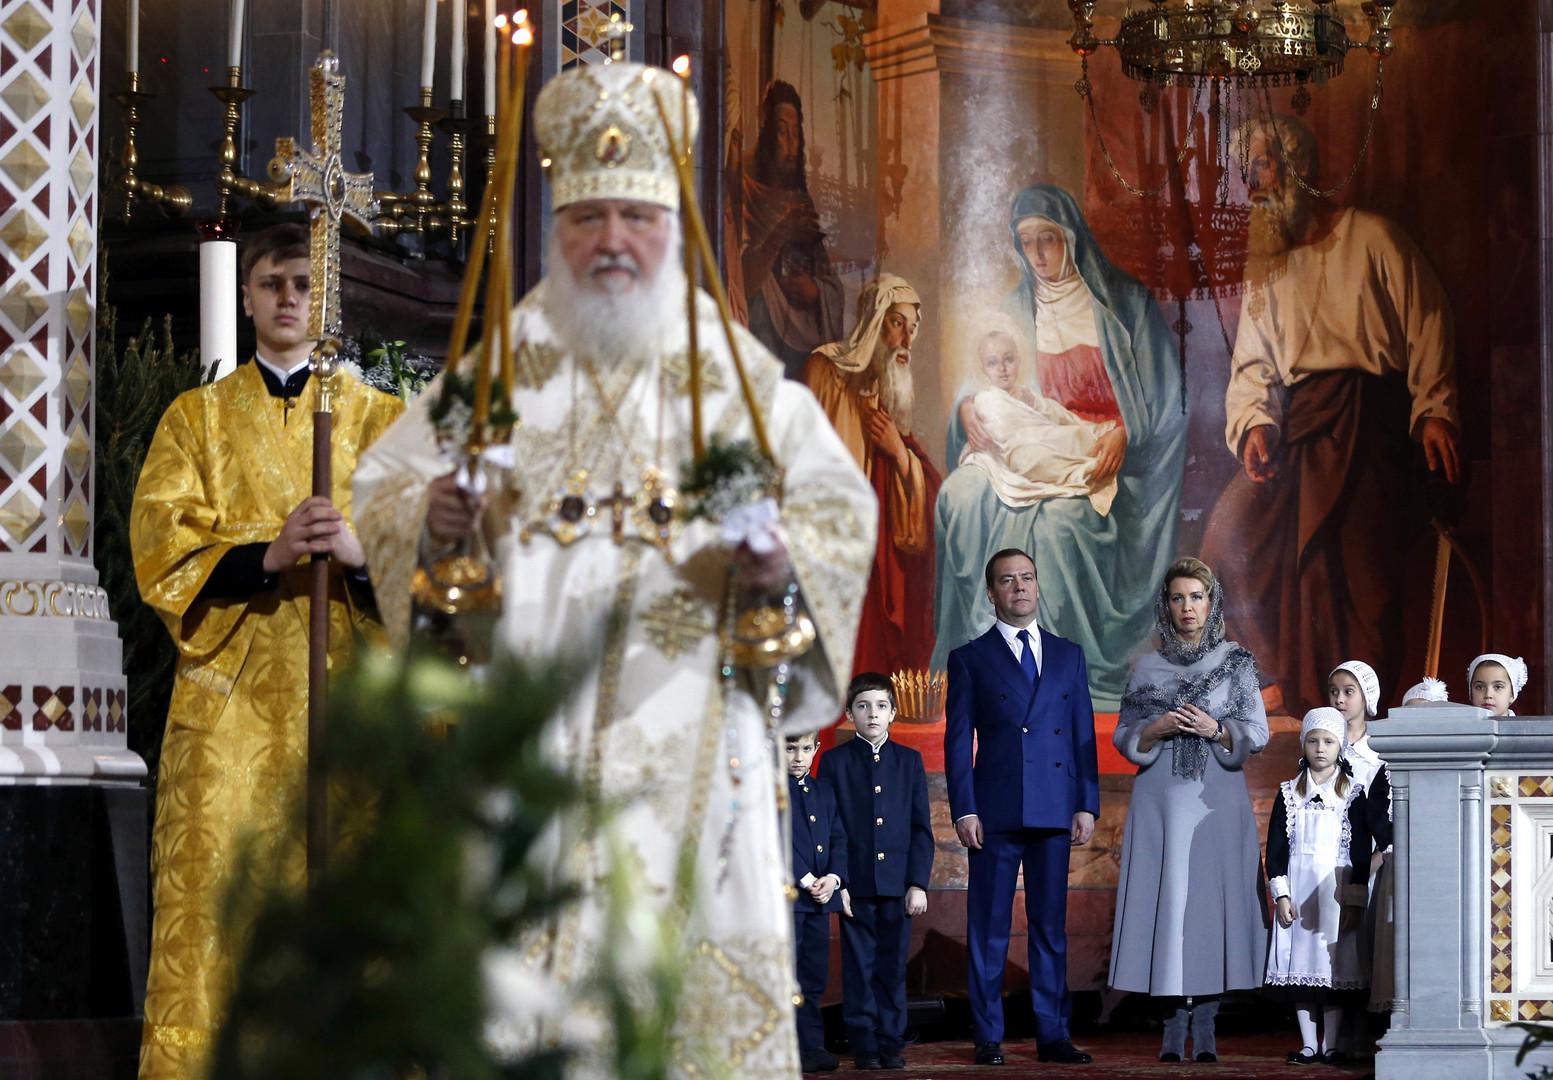 Les chrétiens orthodoxes du monde entier célèbrent Noël (IMAGES, VIDEOS)